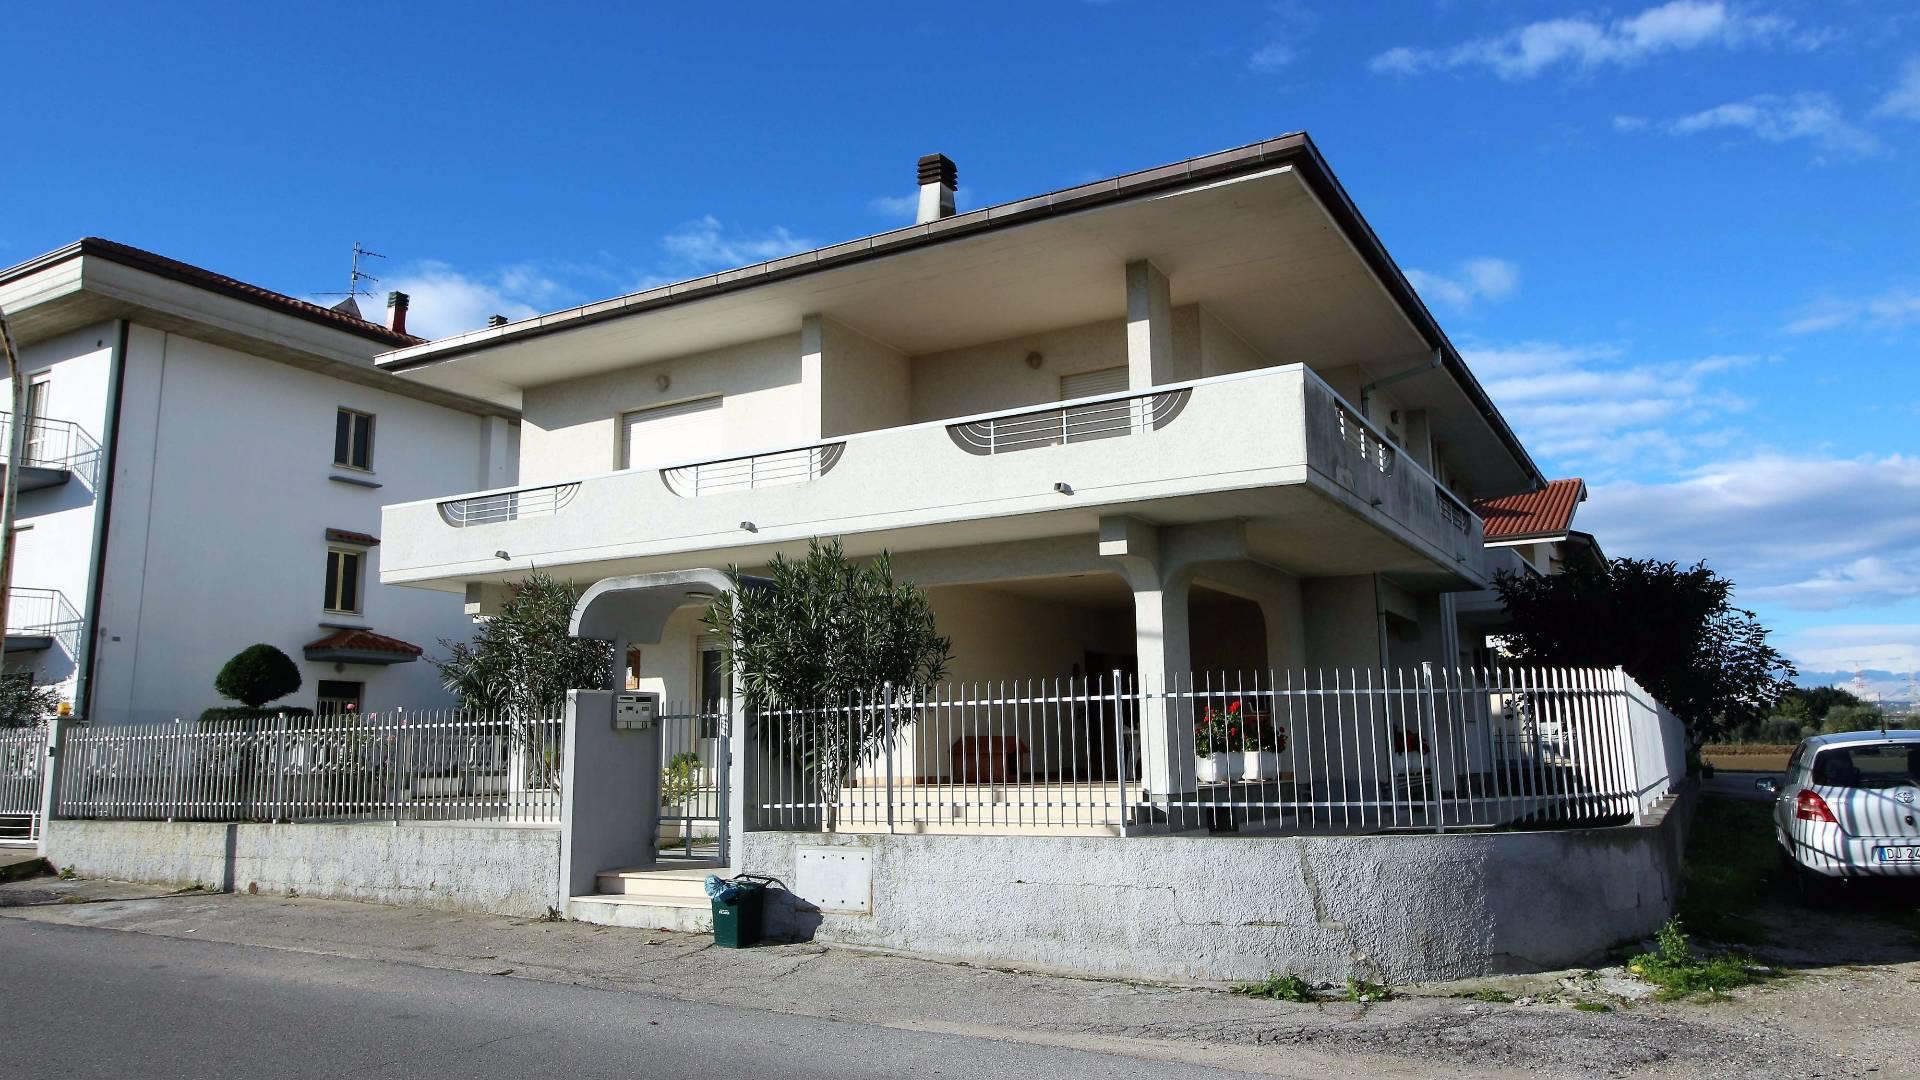 Soluzione Indipendente in vendita a Alba Adriatica, 10 locali, prezzo € 500.000 | Cambio Casa.it